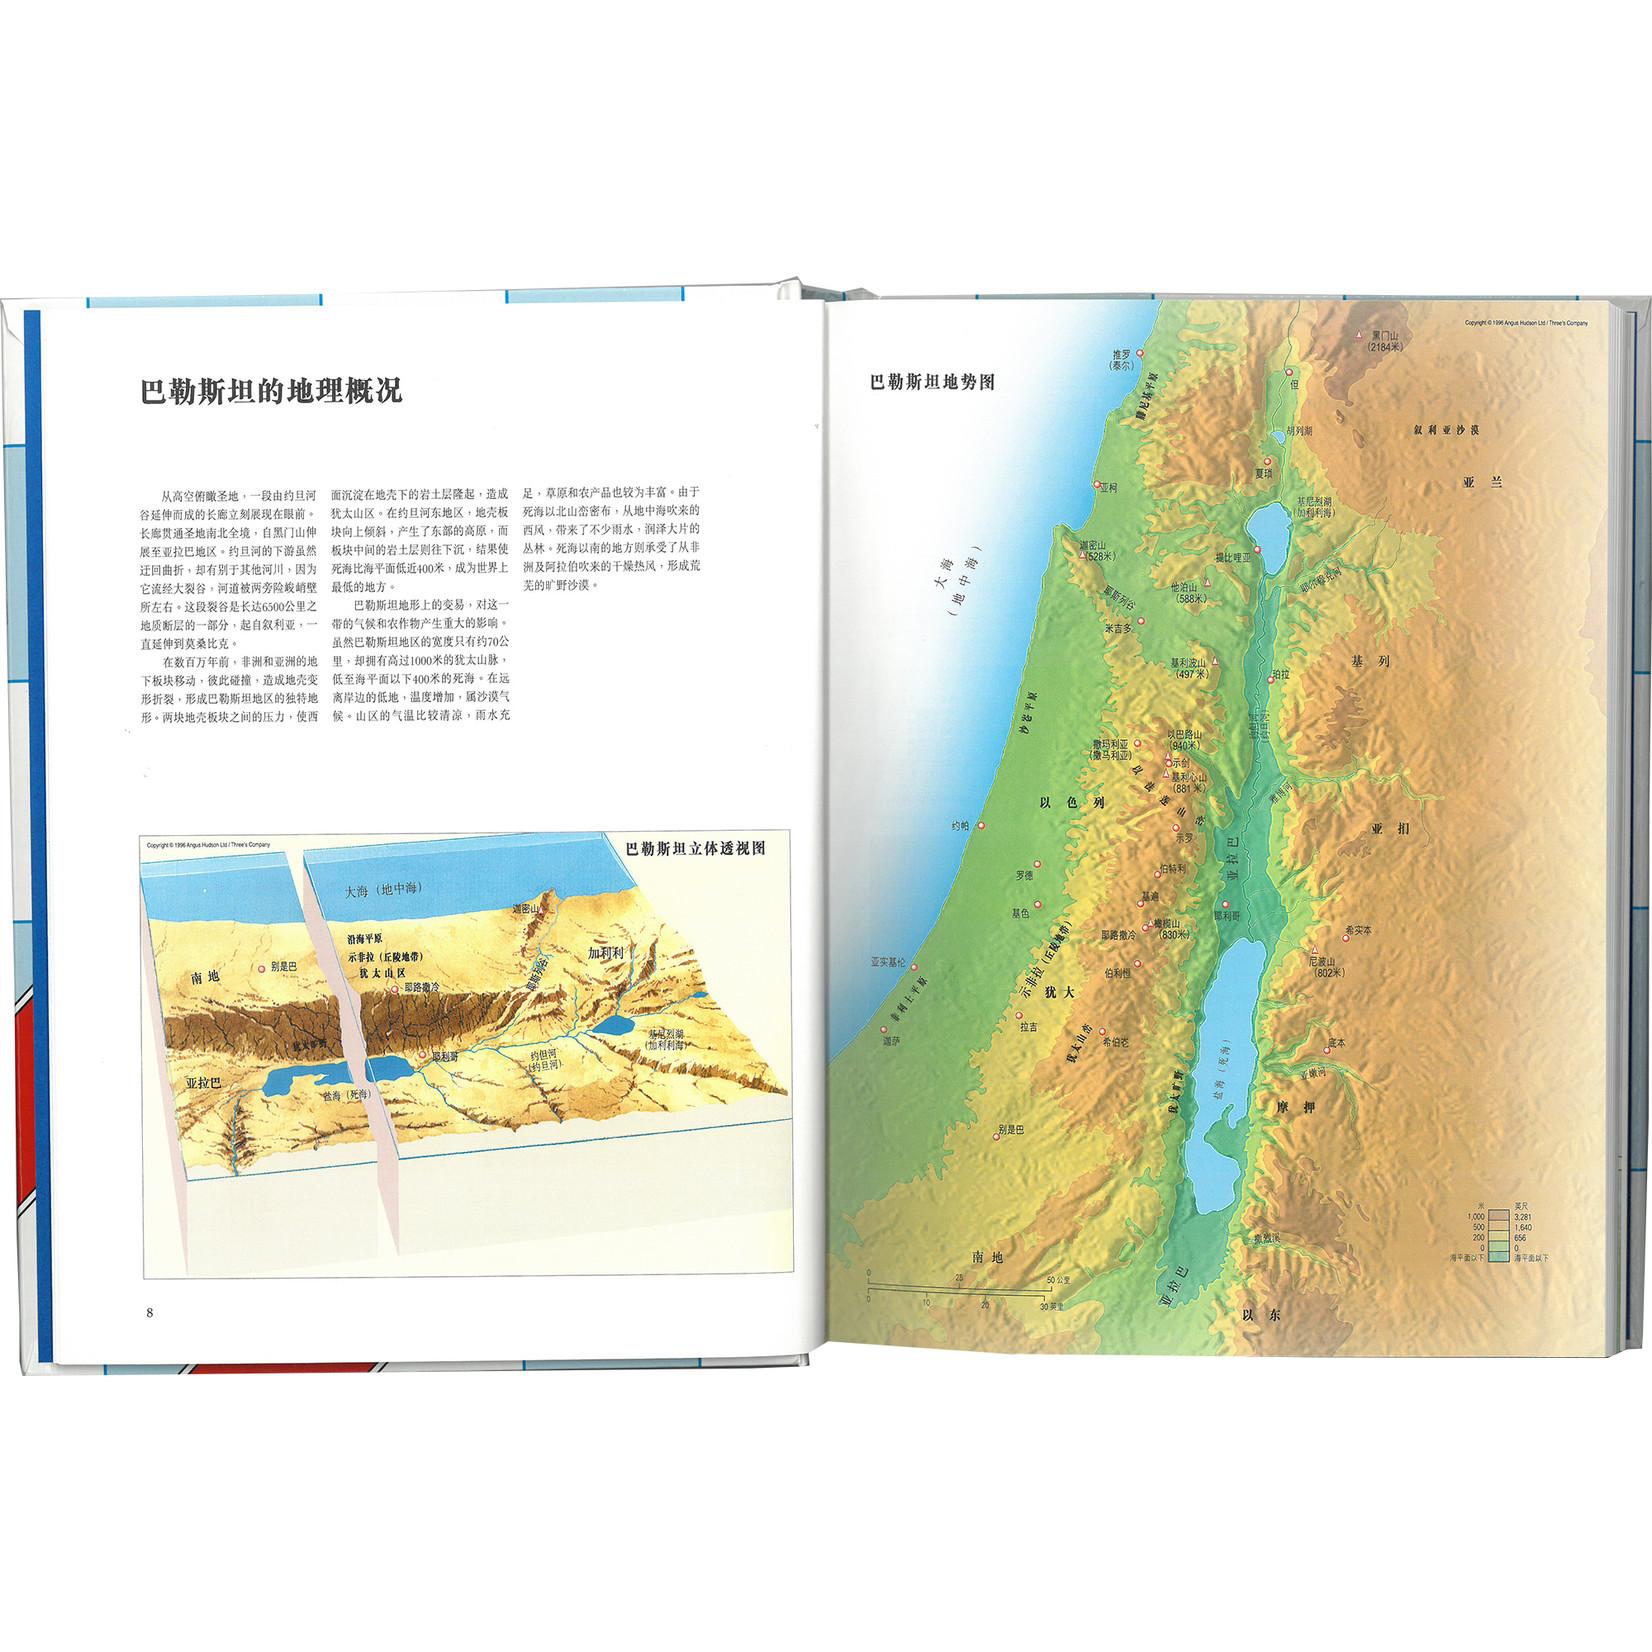 漢語聖經協會 Chinese Bible International 圣经及教会历史地图集 Atlas of the Bible and the History of Christianity